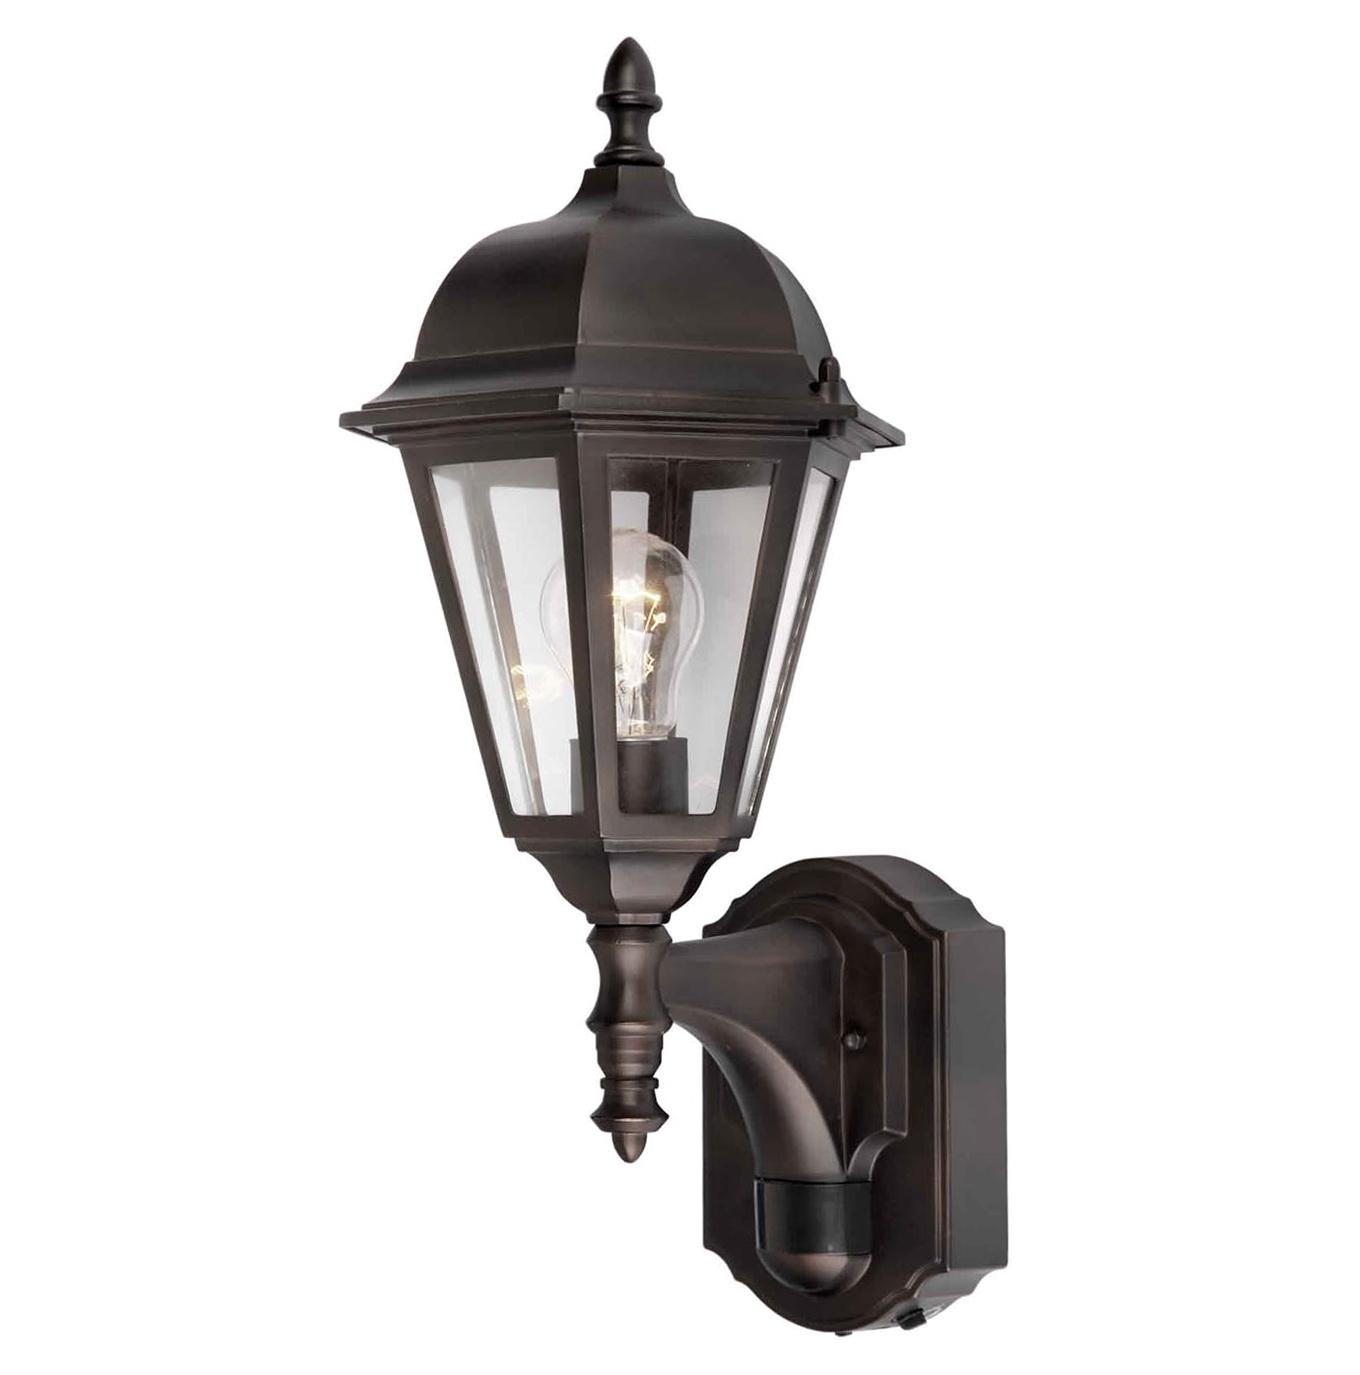 Motion Sensor Porch Light LowesMotion Sensor Porch Light Lowes   Home Design Ideas. Motion Sensor Porch Light Not Working. Home Design Ideas